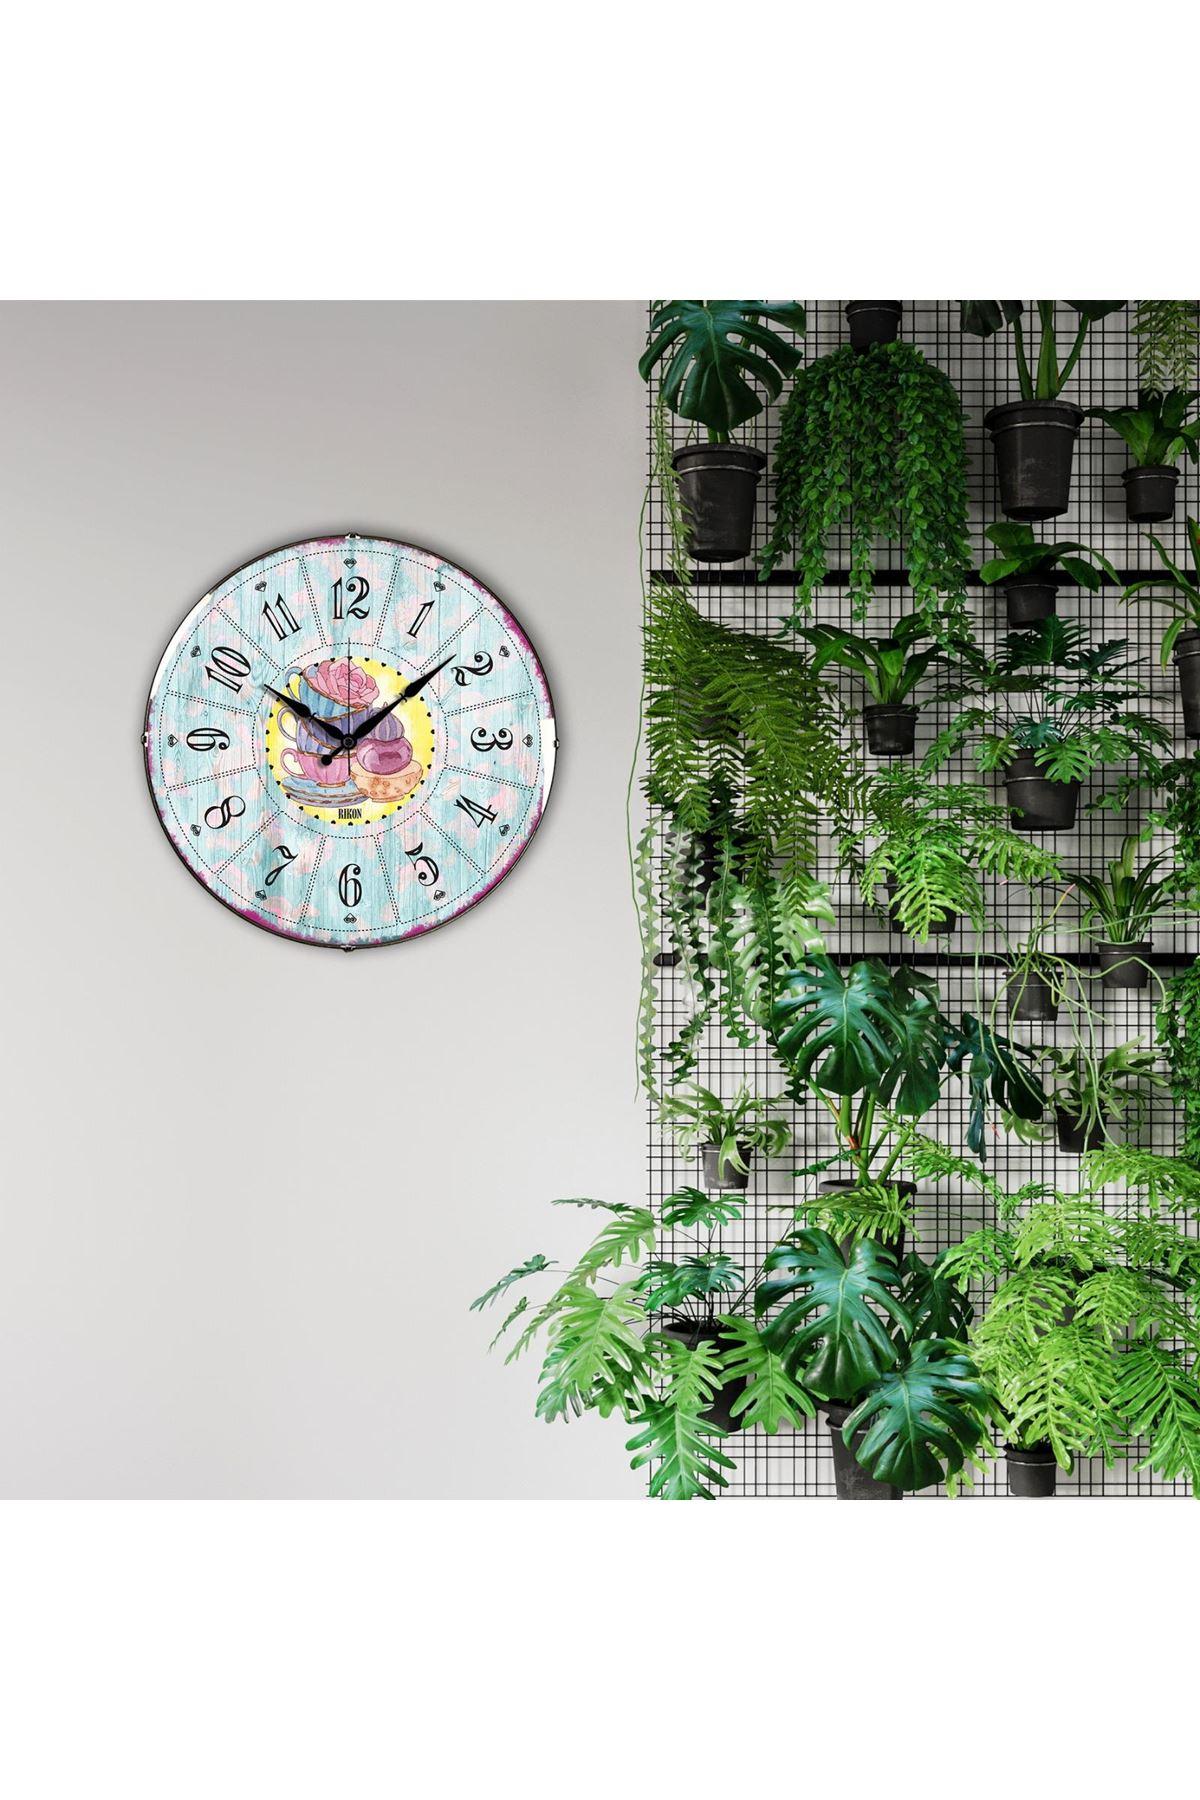 Rikon Renkli Fincanlar Dekoratif Bombe Camlı Duvar Saati